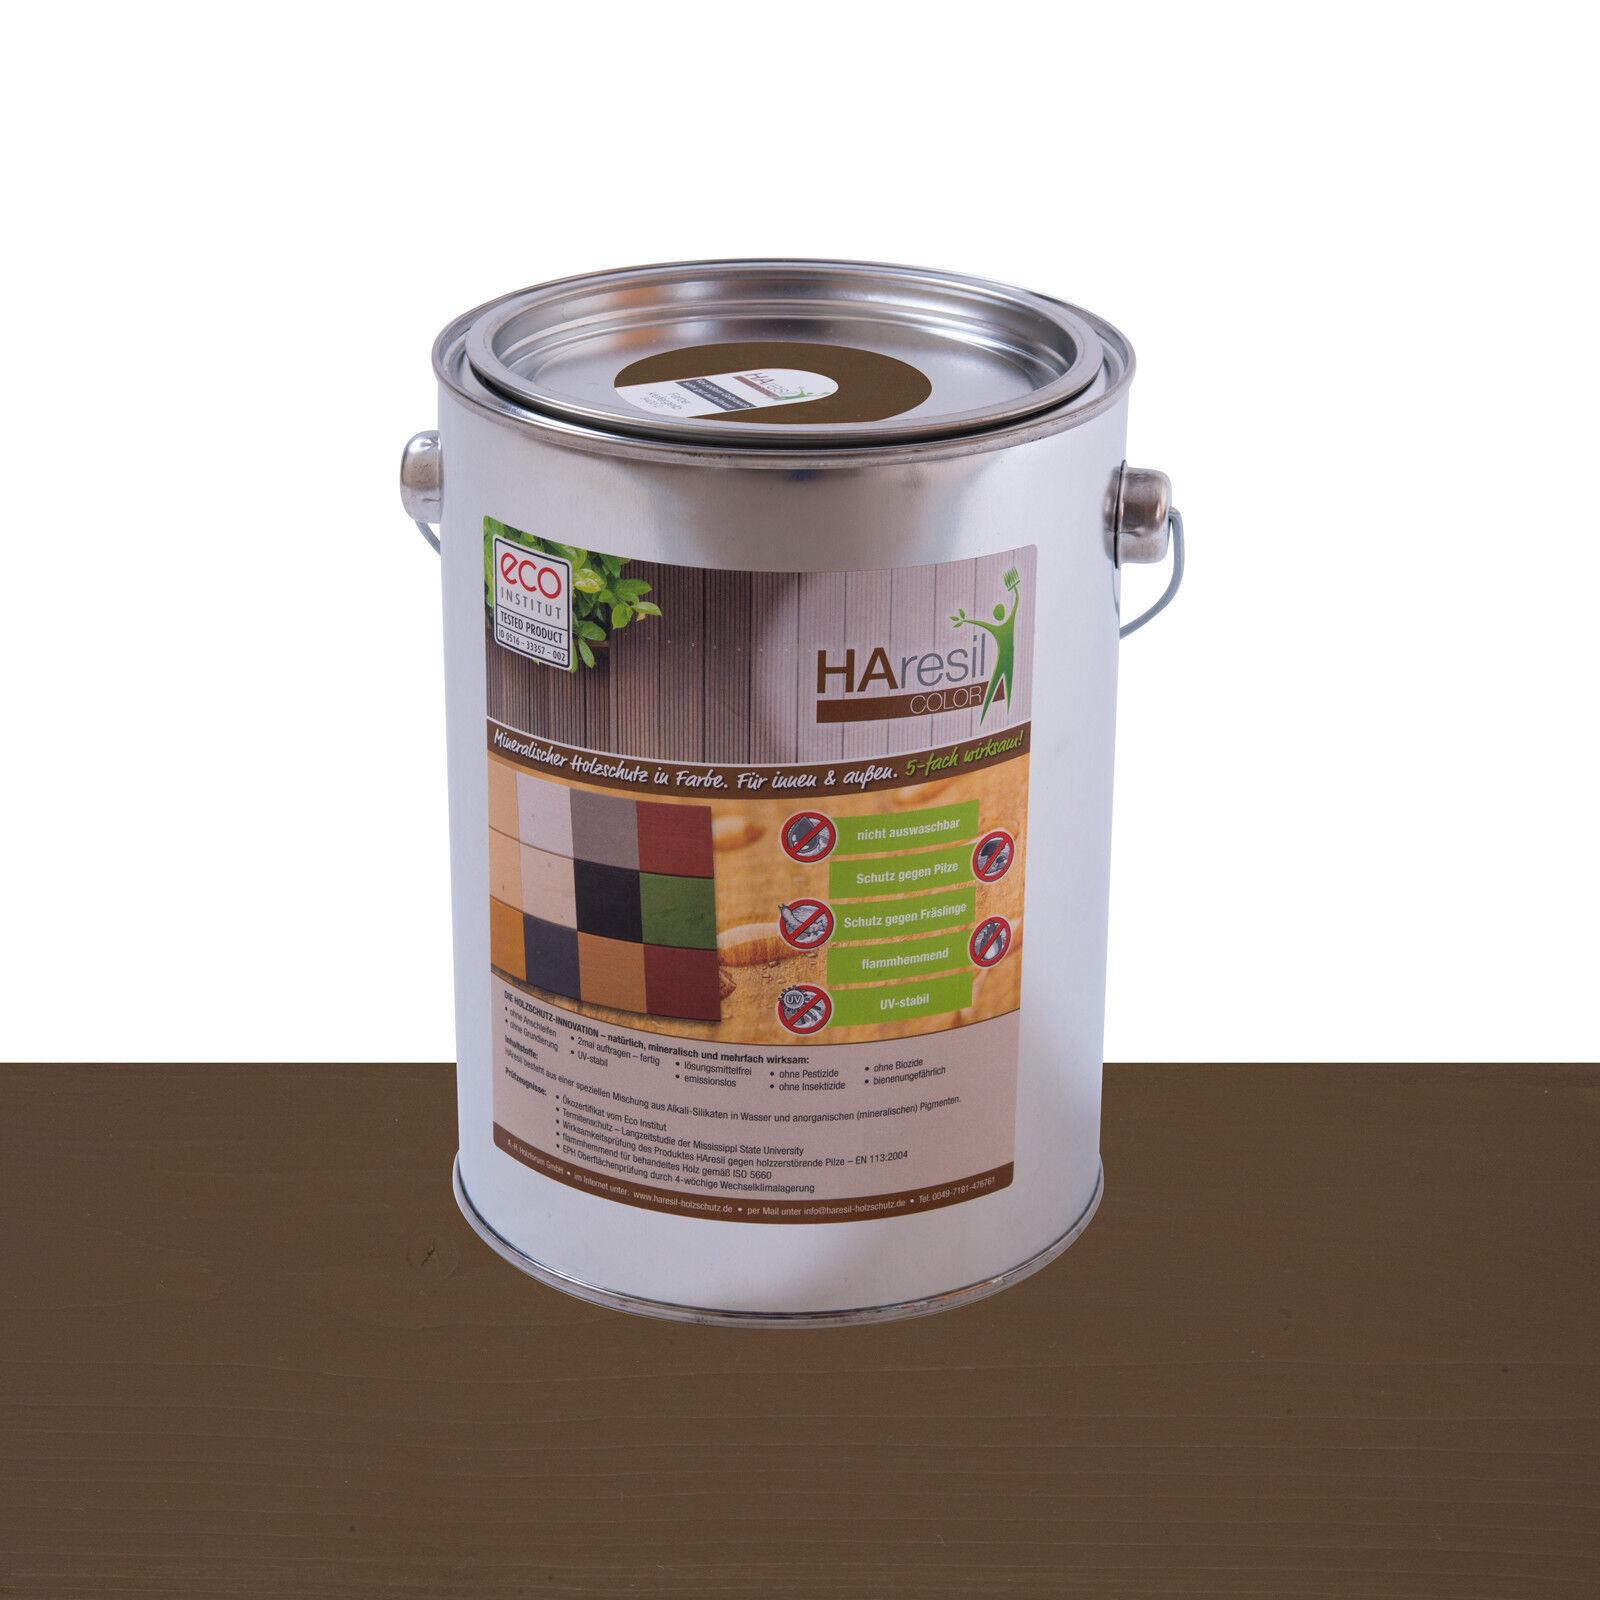 Bio Holzschutz Außen Haresil Farbe nußbraun schützt vor Holzwurm, Pilz,Termiten